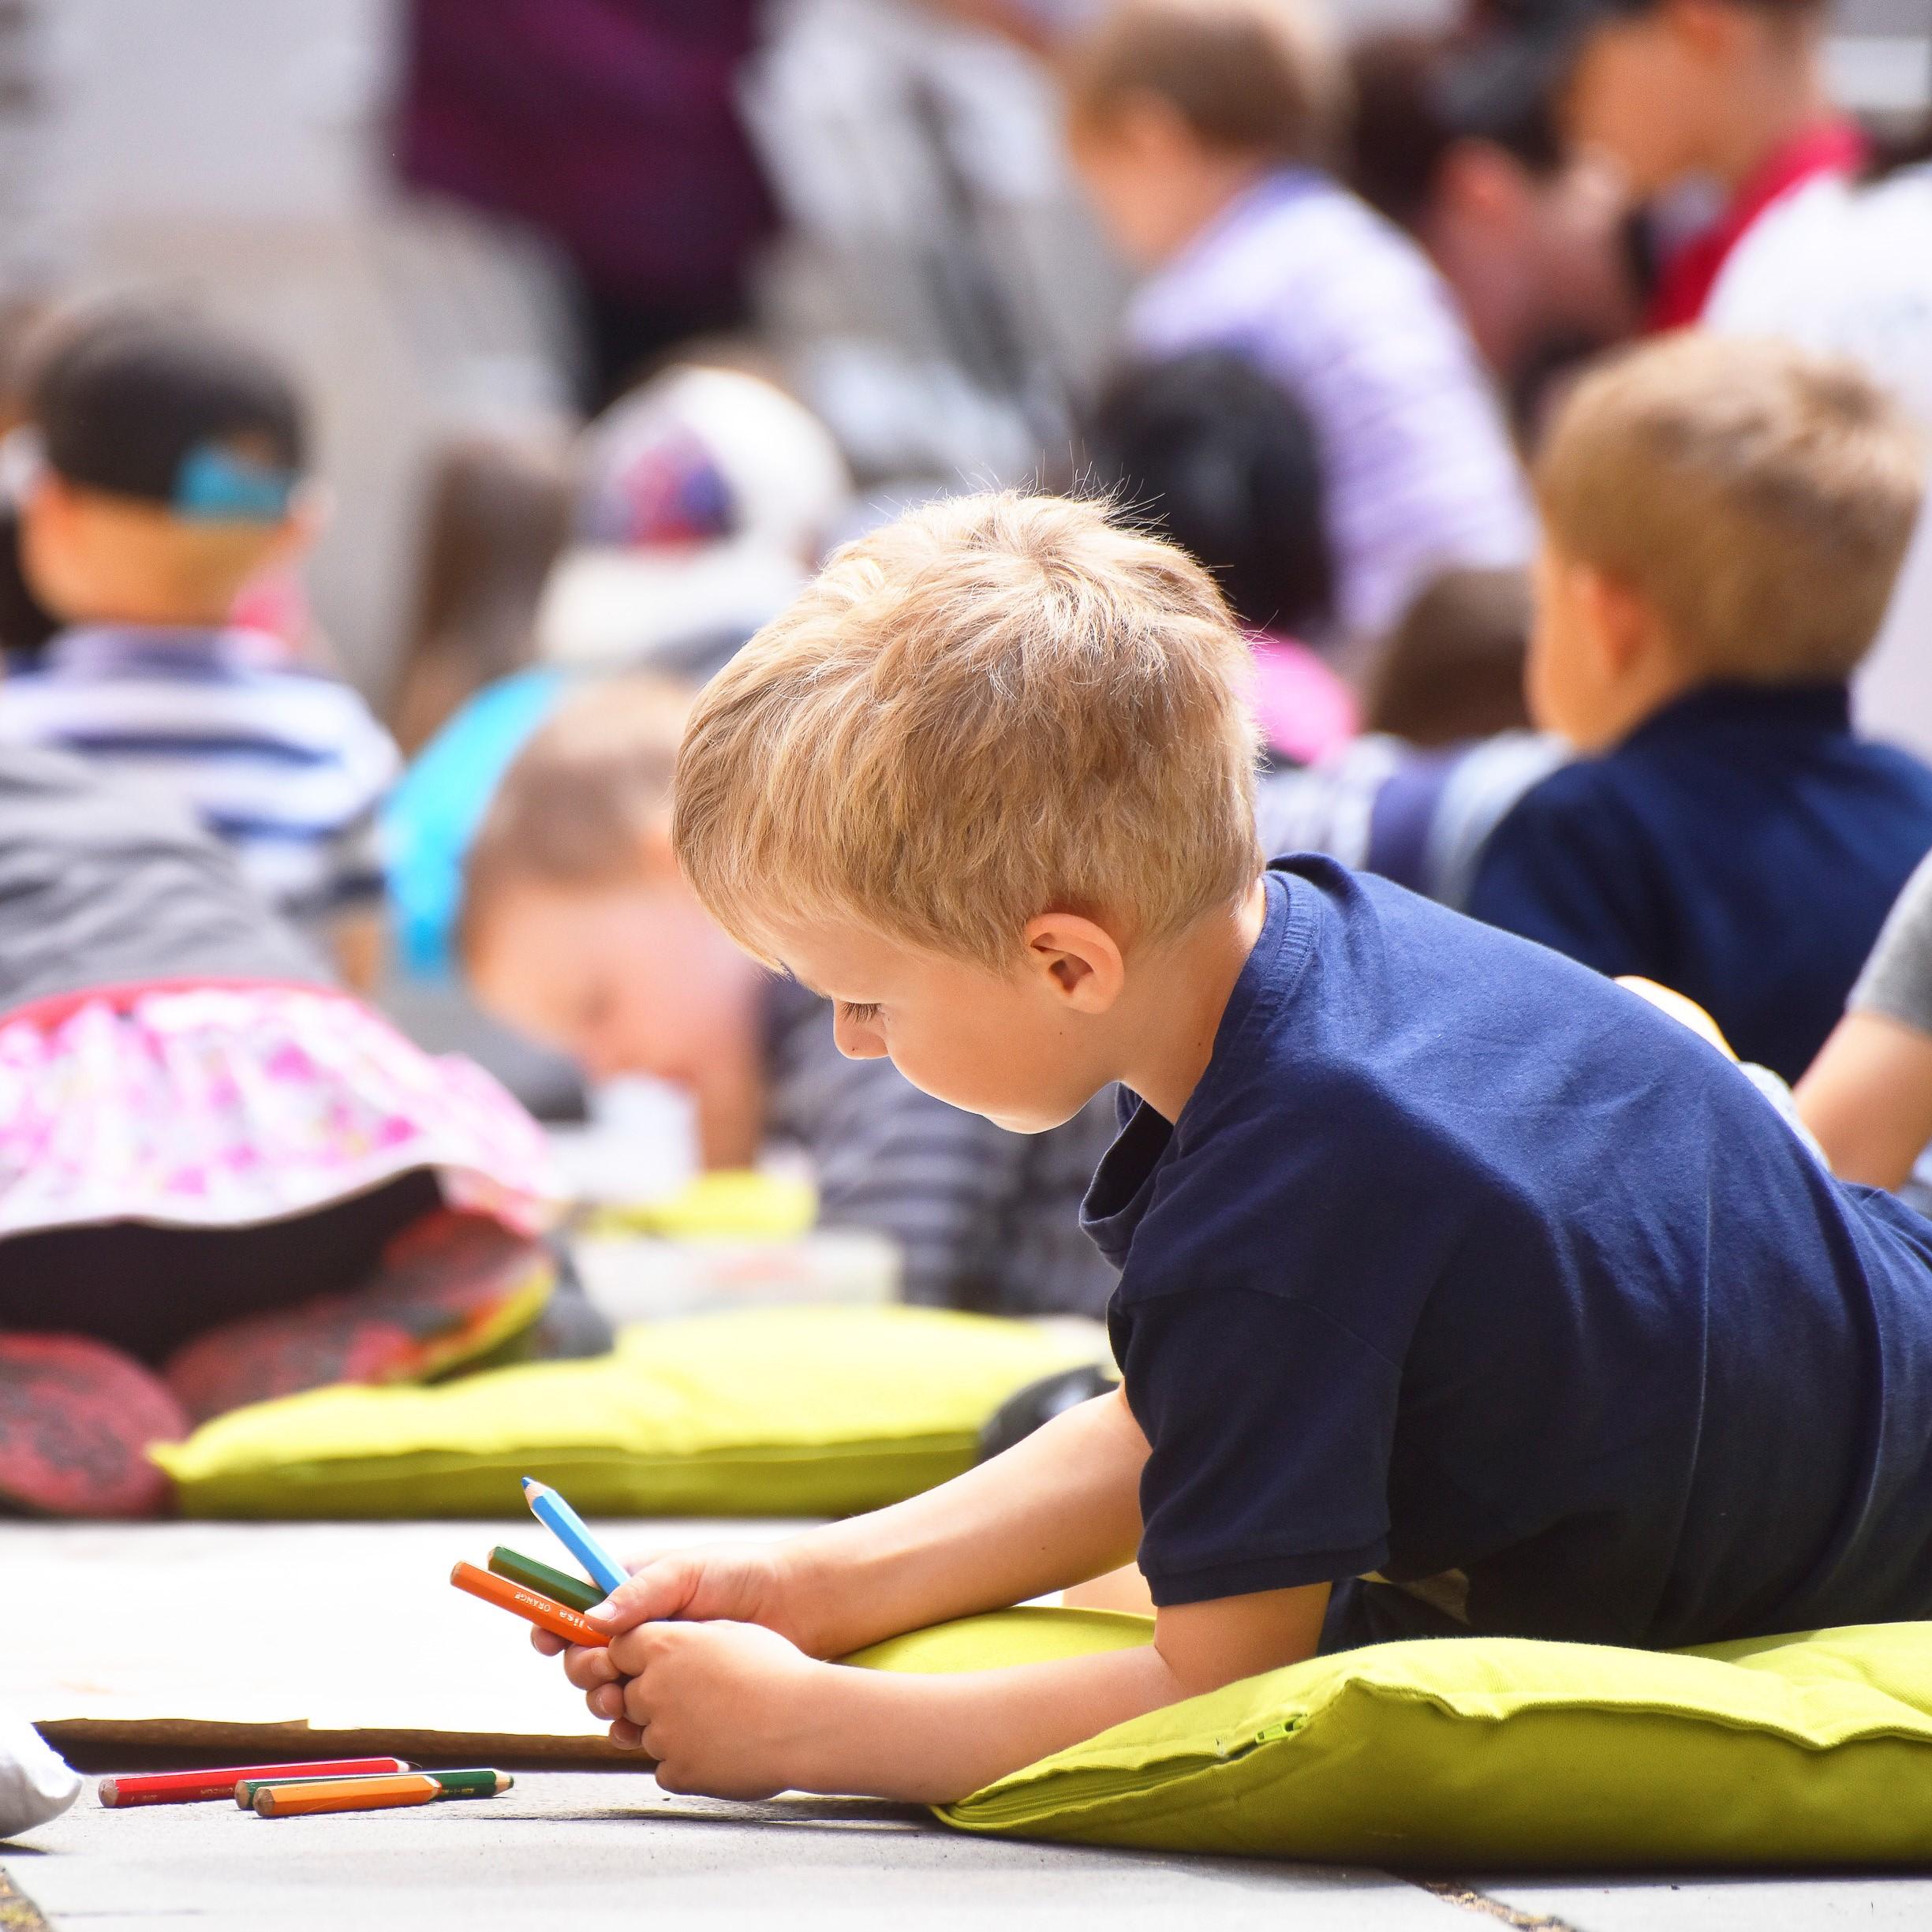 moravska-galerie-detsky-program